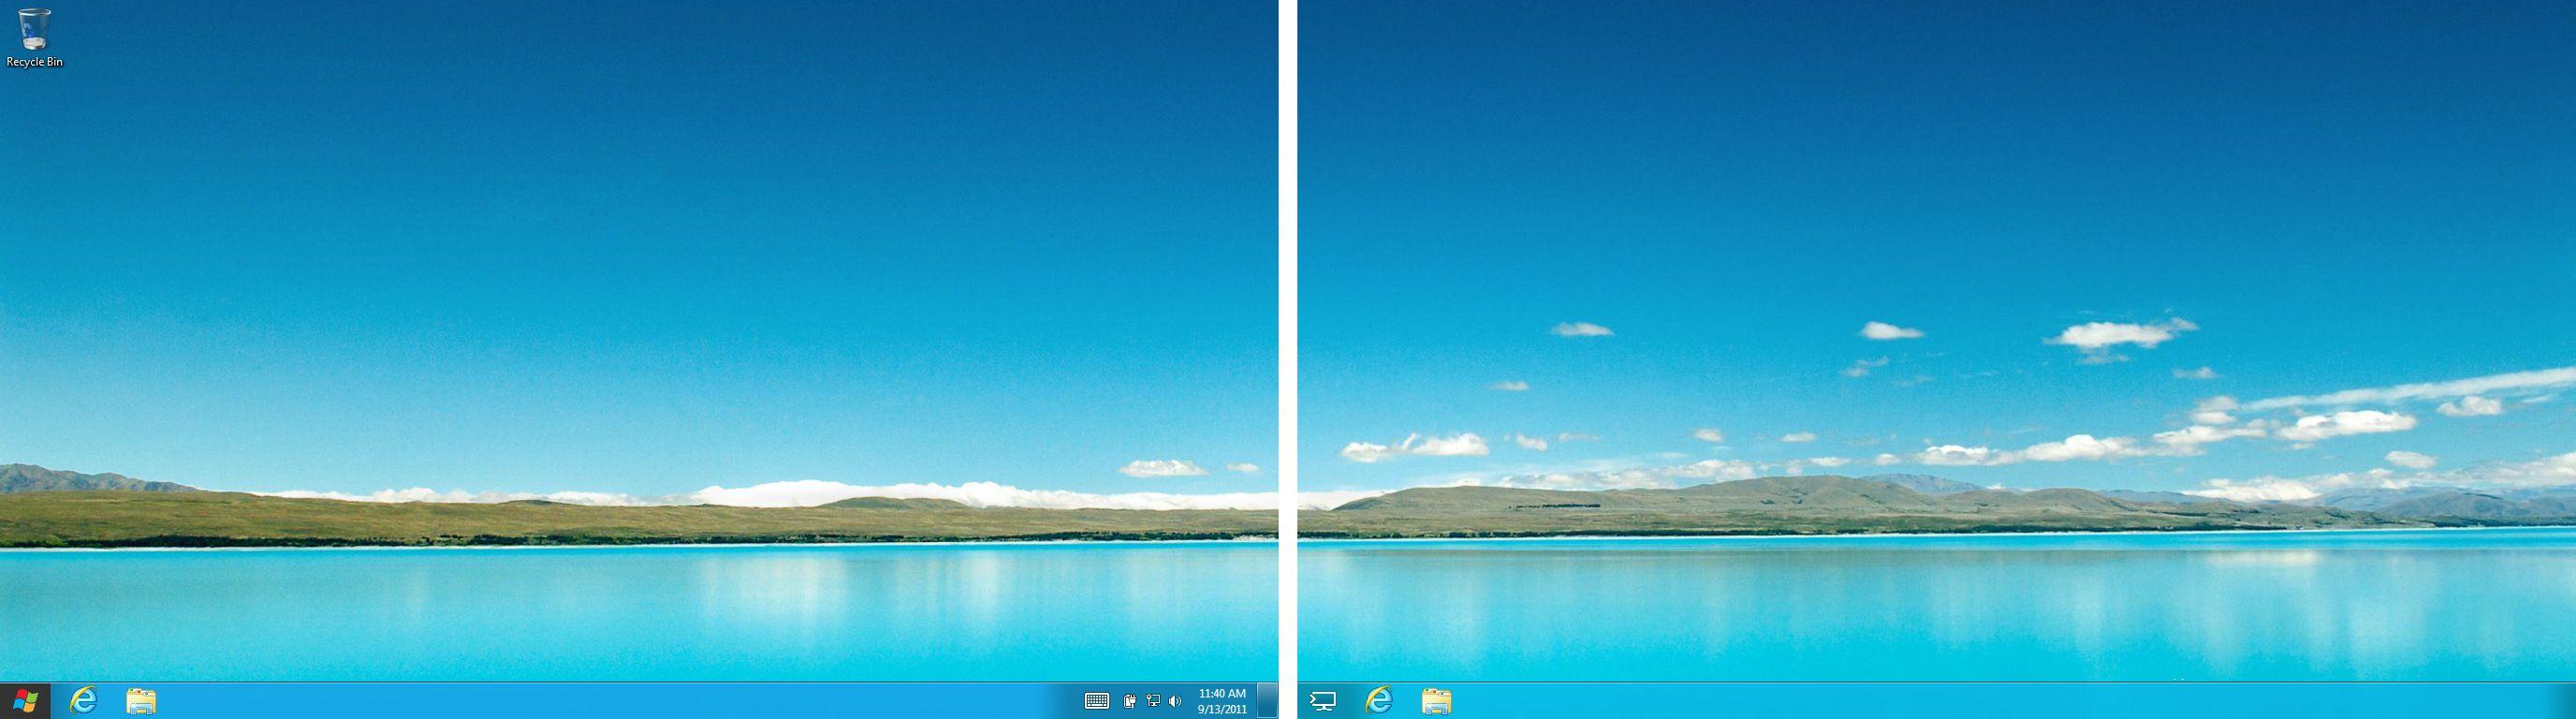 как сделать разные обои на двух рабочих столах windows 10 № 23133 загрузить